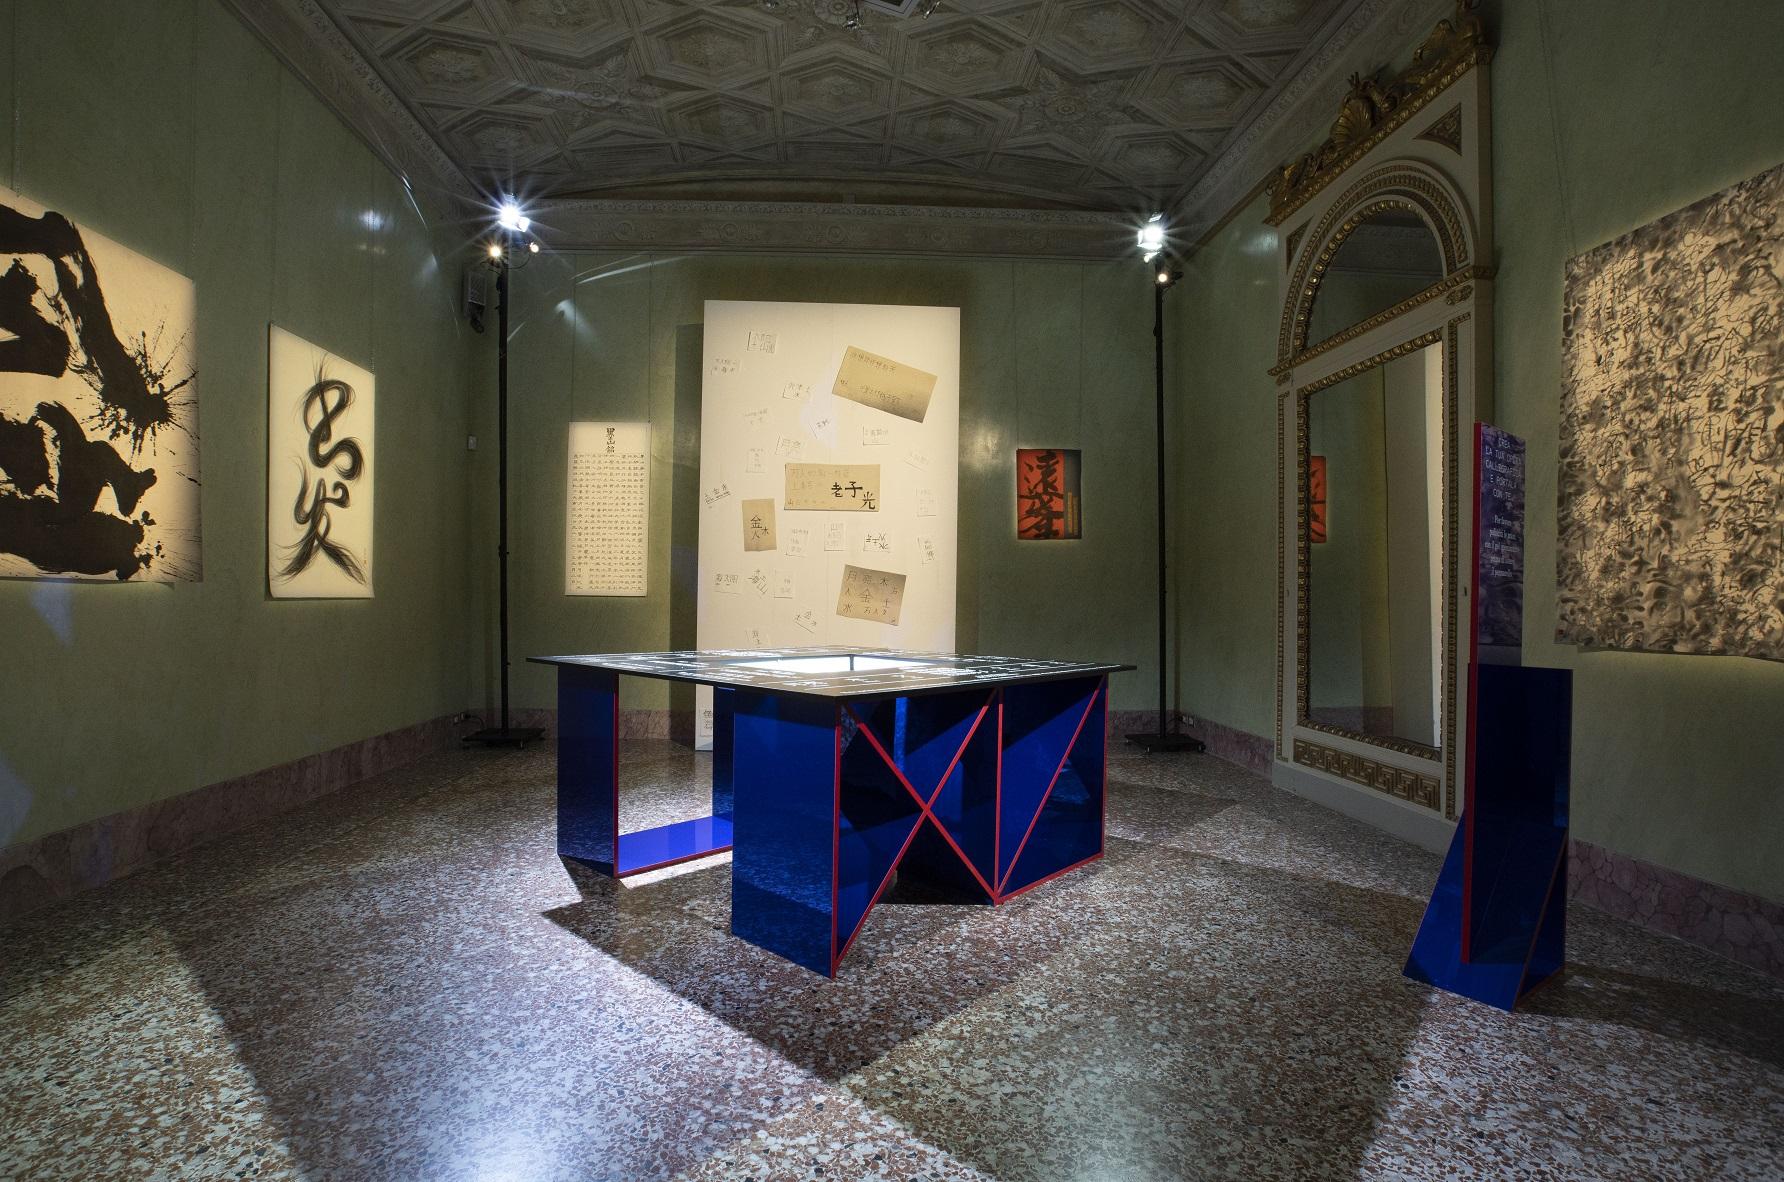 ALCANTARA_OUTOFTHEBLUE_collective_room -